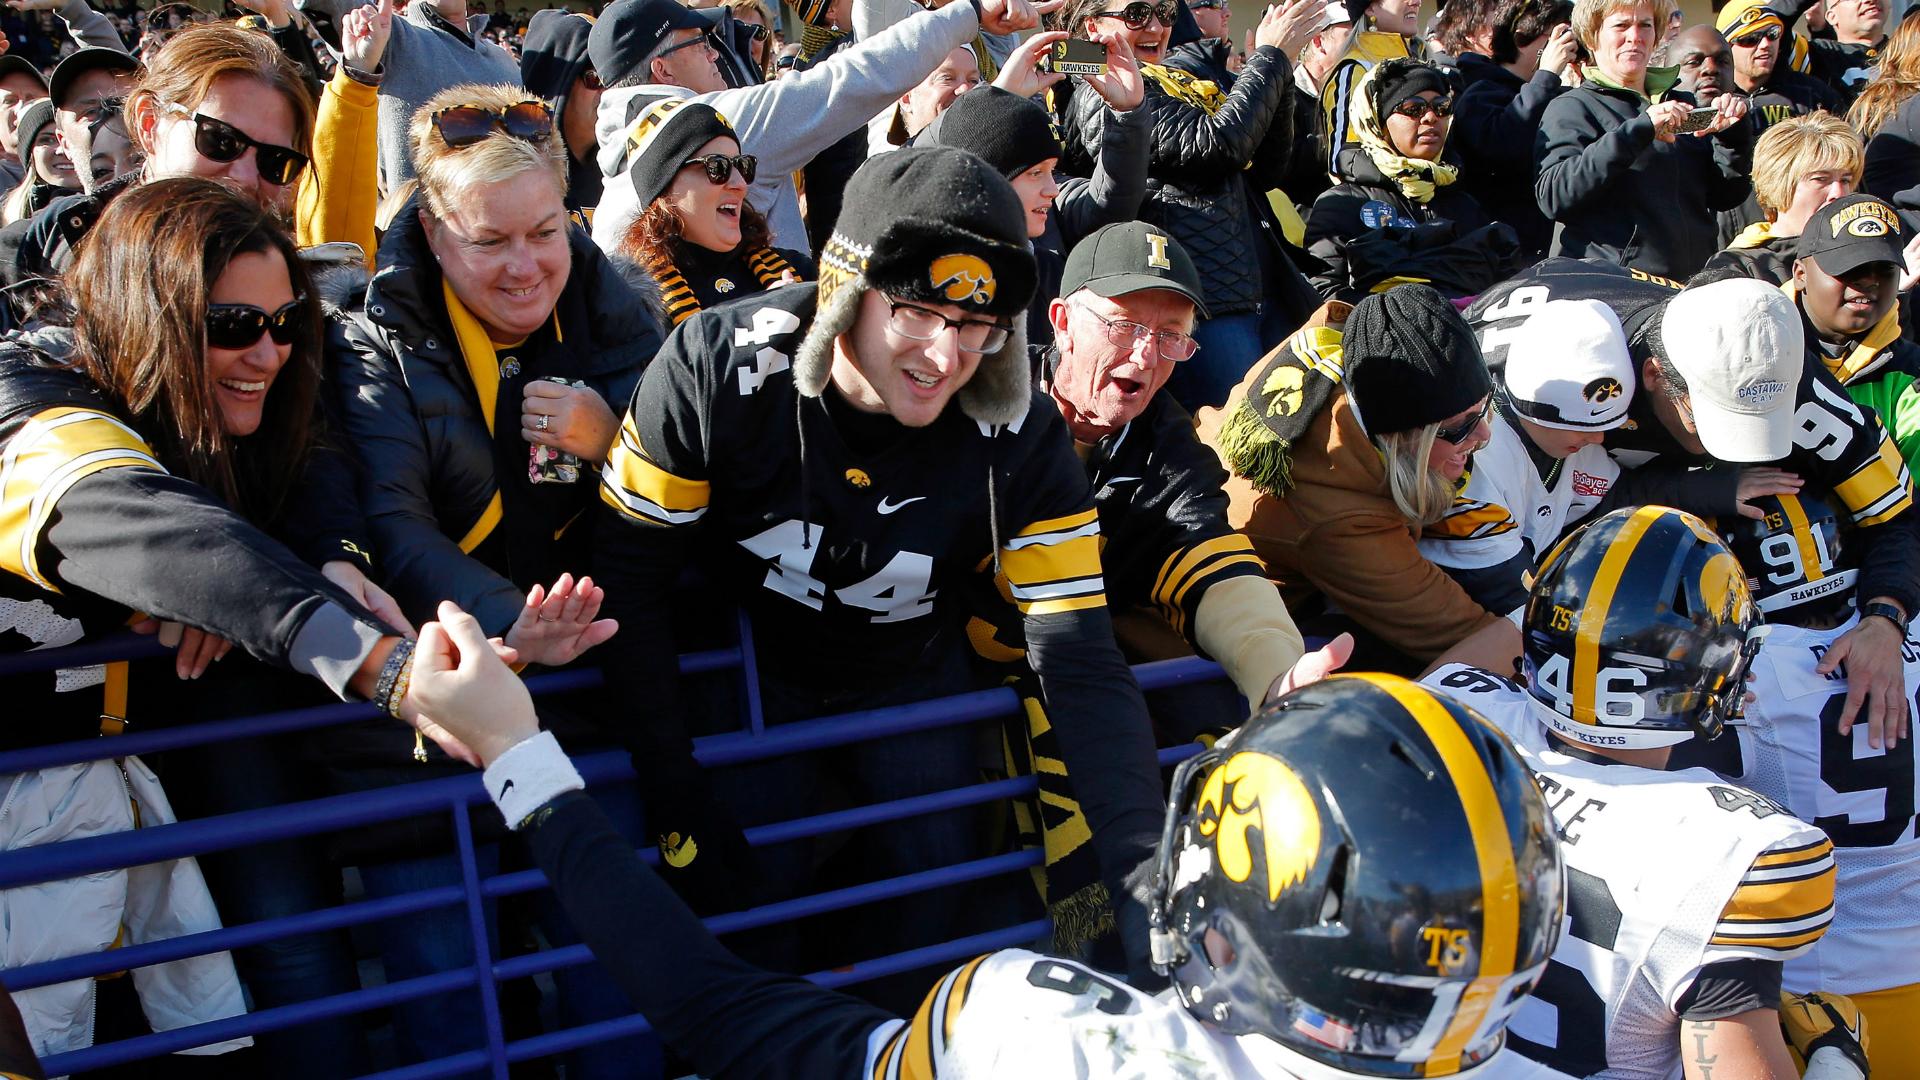 Iowa-fans-getty-ftr-100116_f44dk0ncln3x1kl7hx6h2bdf1